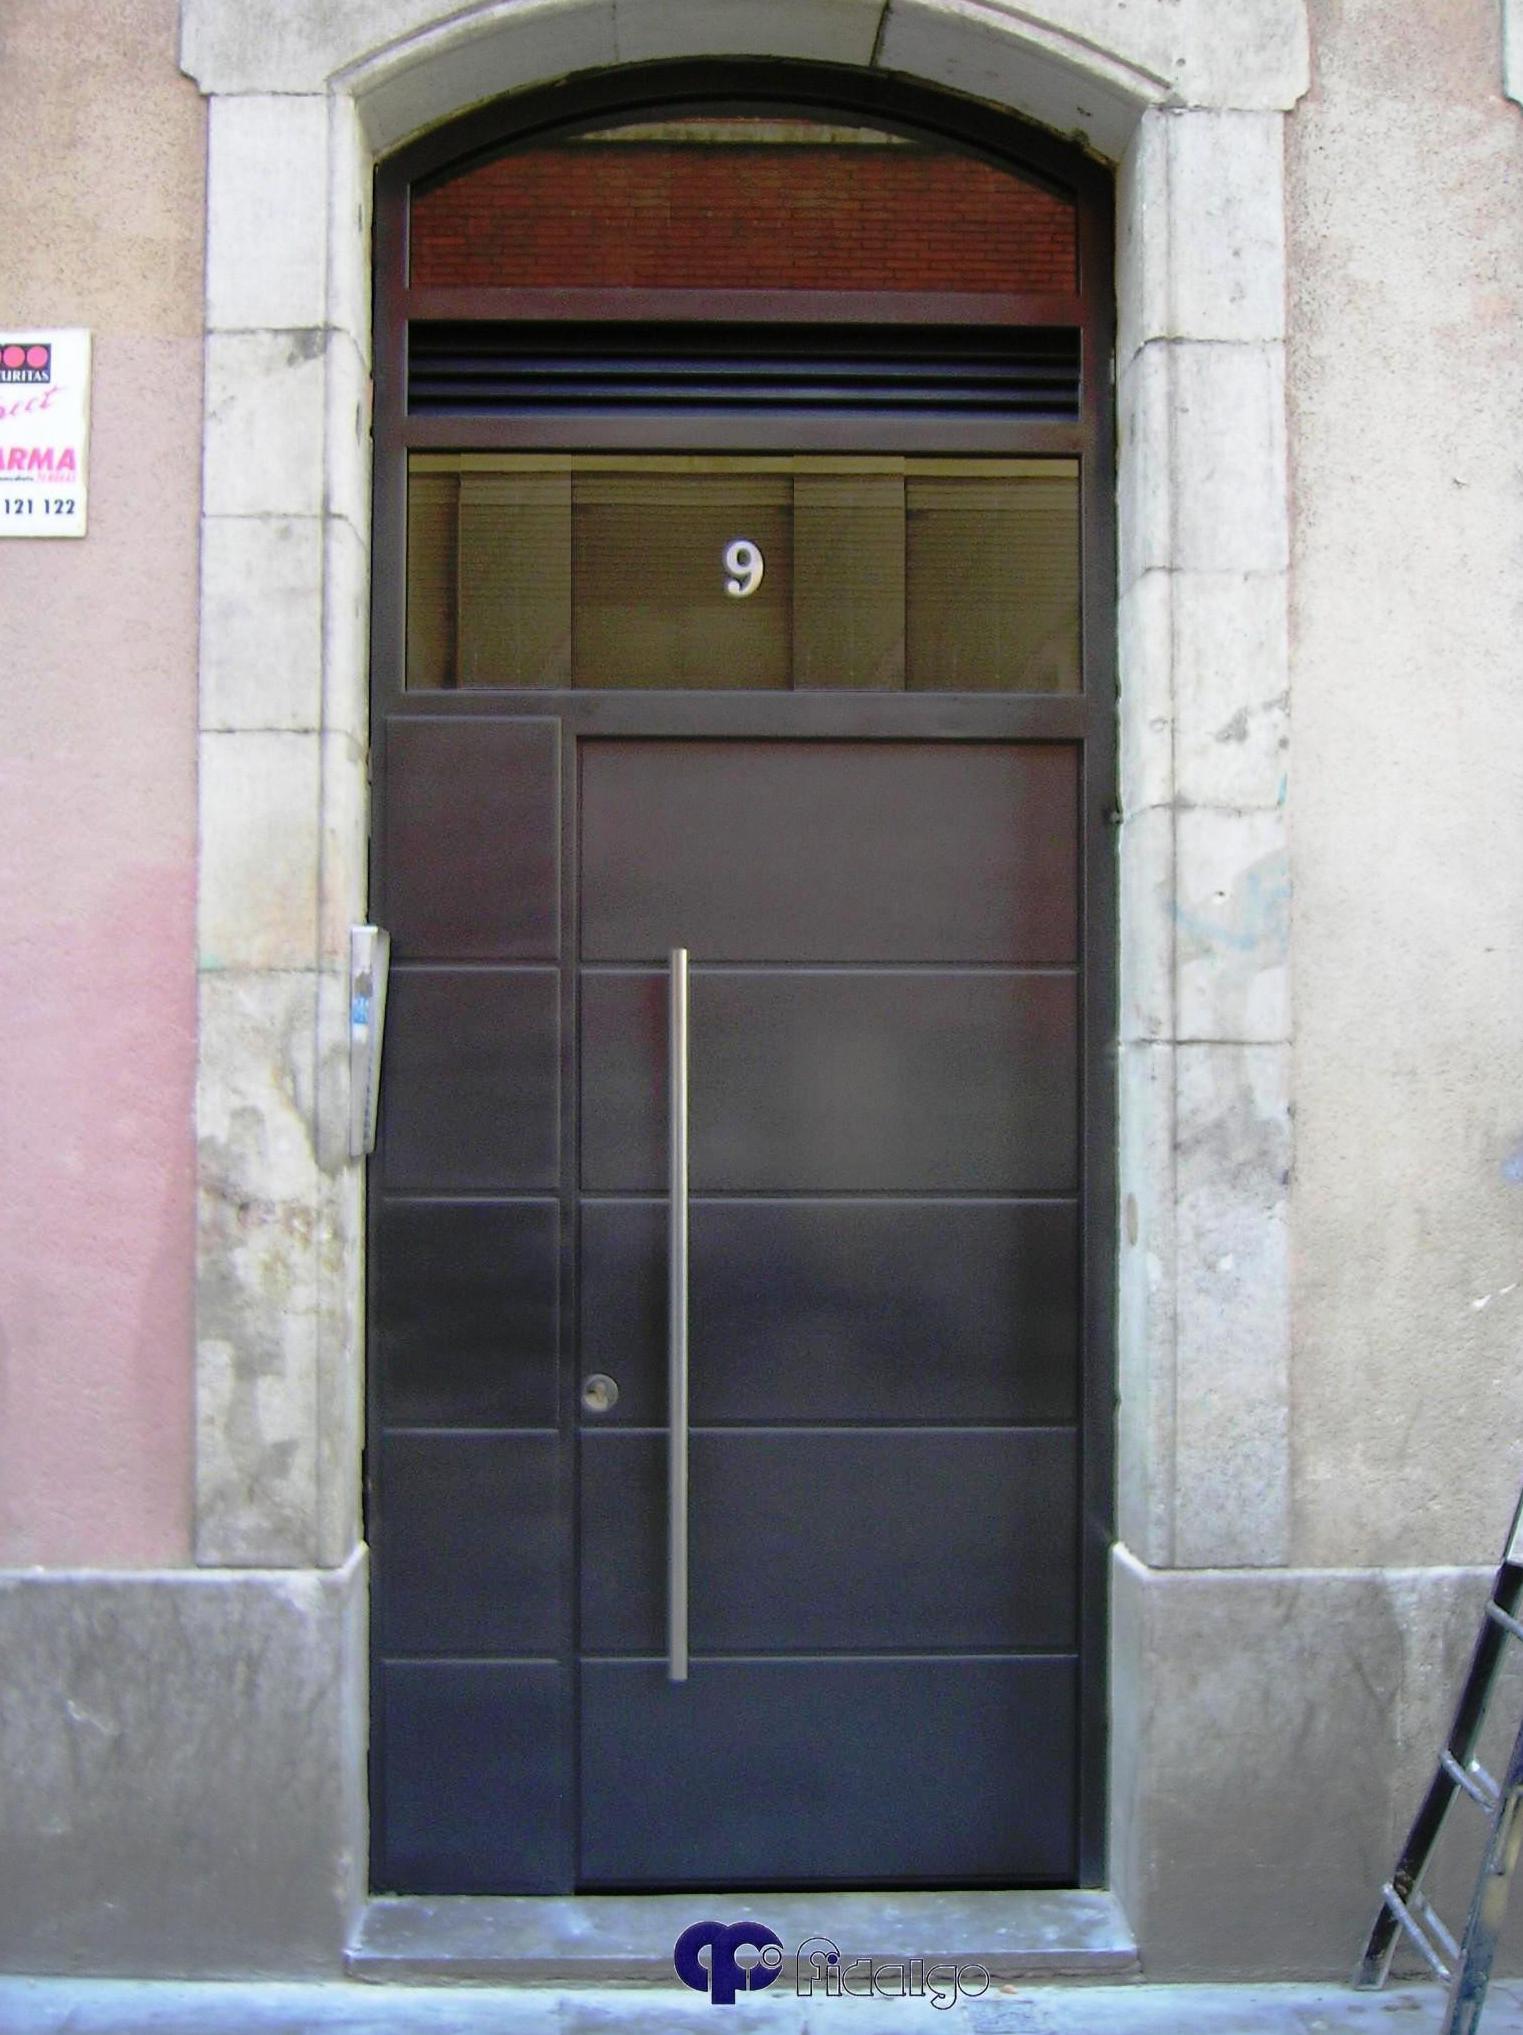 Puertas de comunidades. Puertas metálicas. Puertas en acero inoxidable